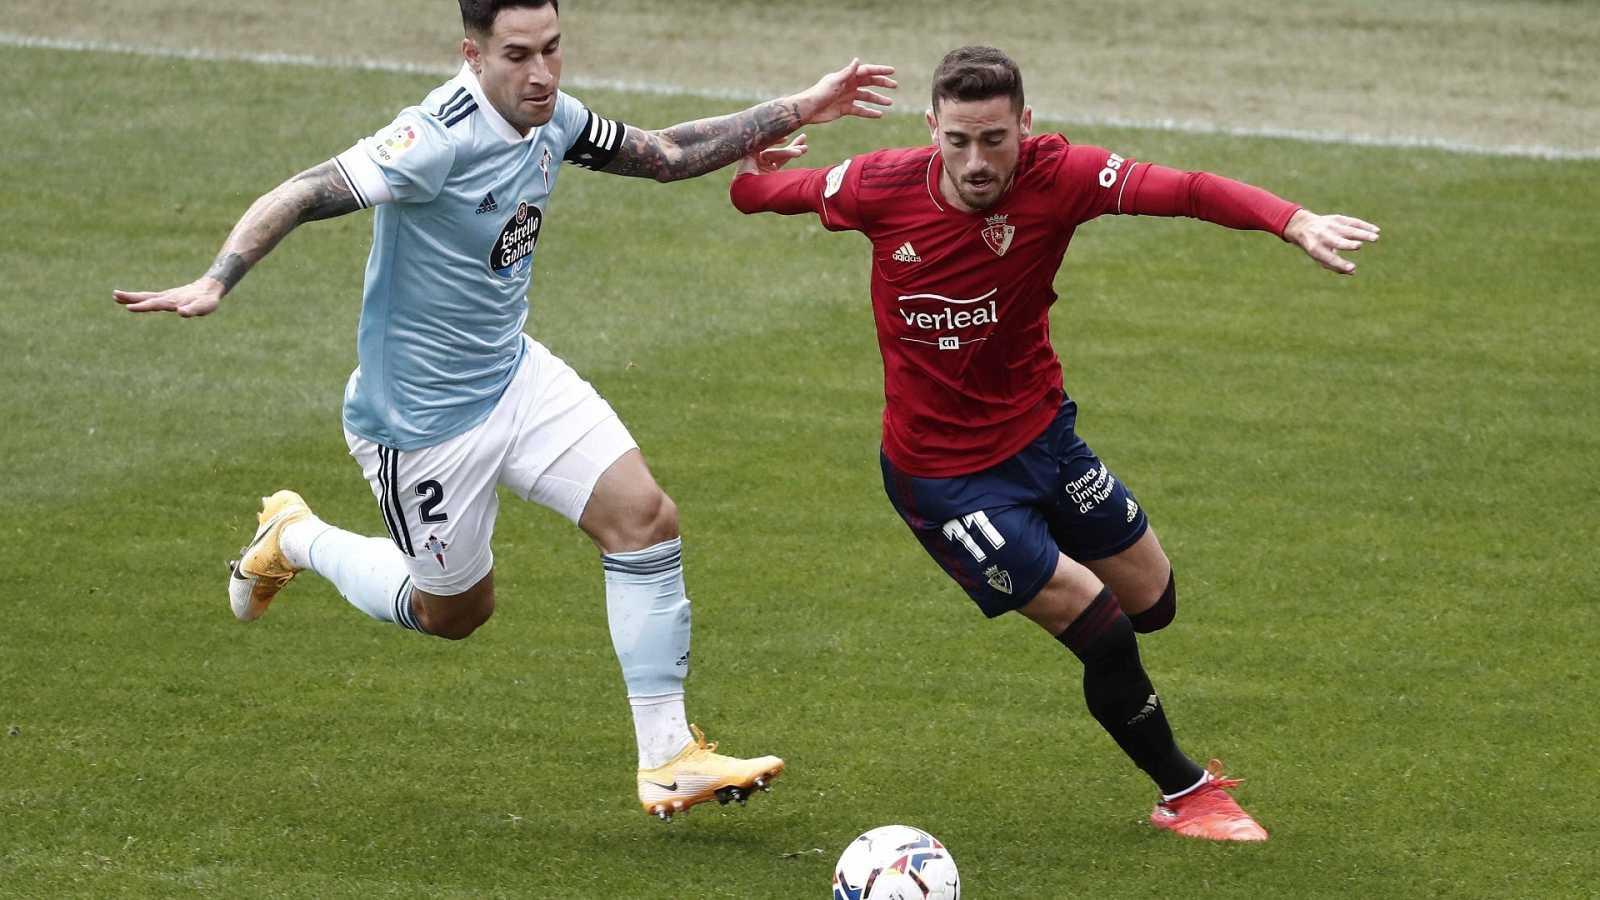 El delantero español del Osasuna Enrique Barja (d) lucha por el balón con el defensa Hugo Mallo, del Celta de Vigo